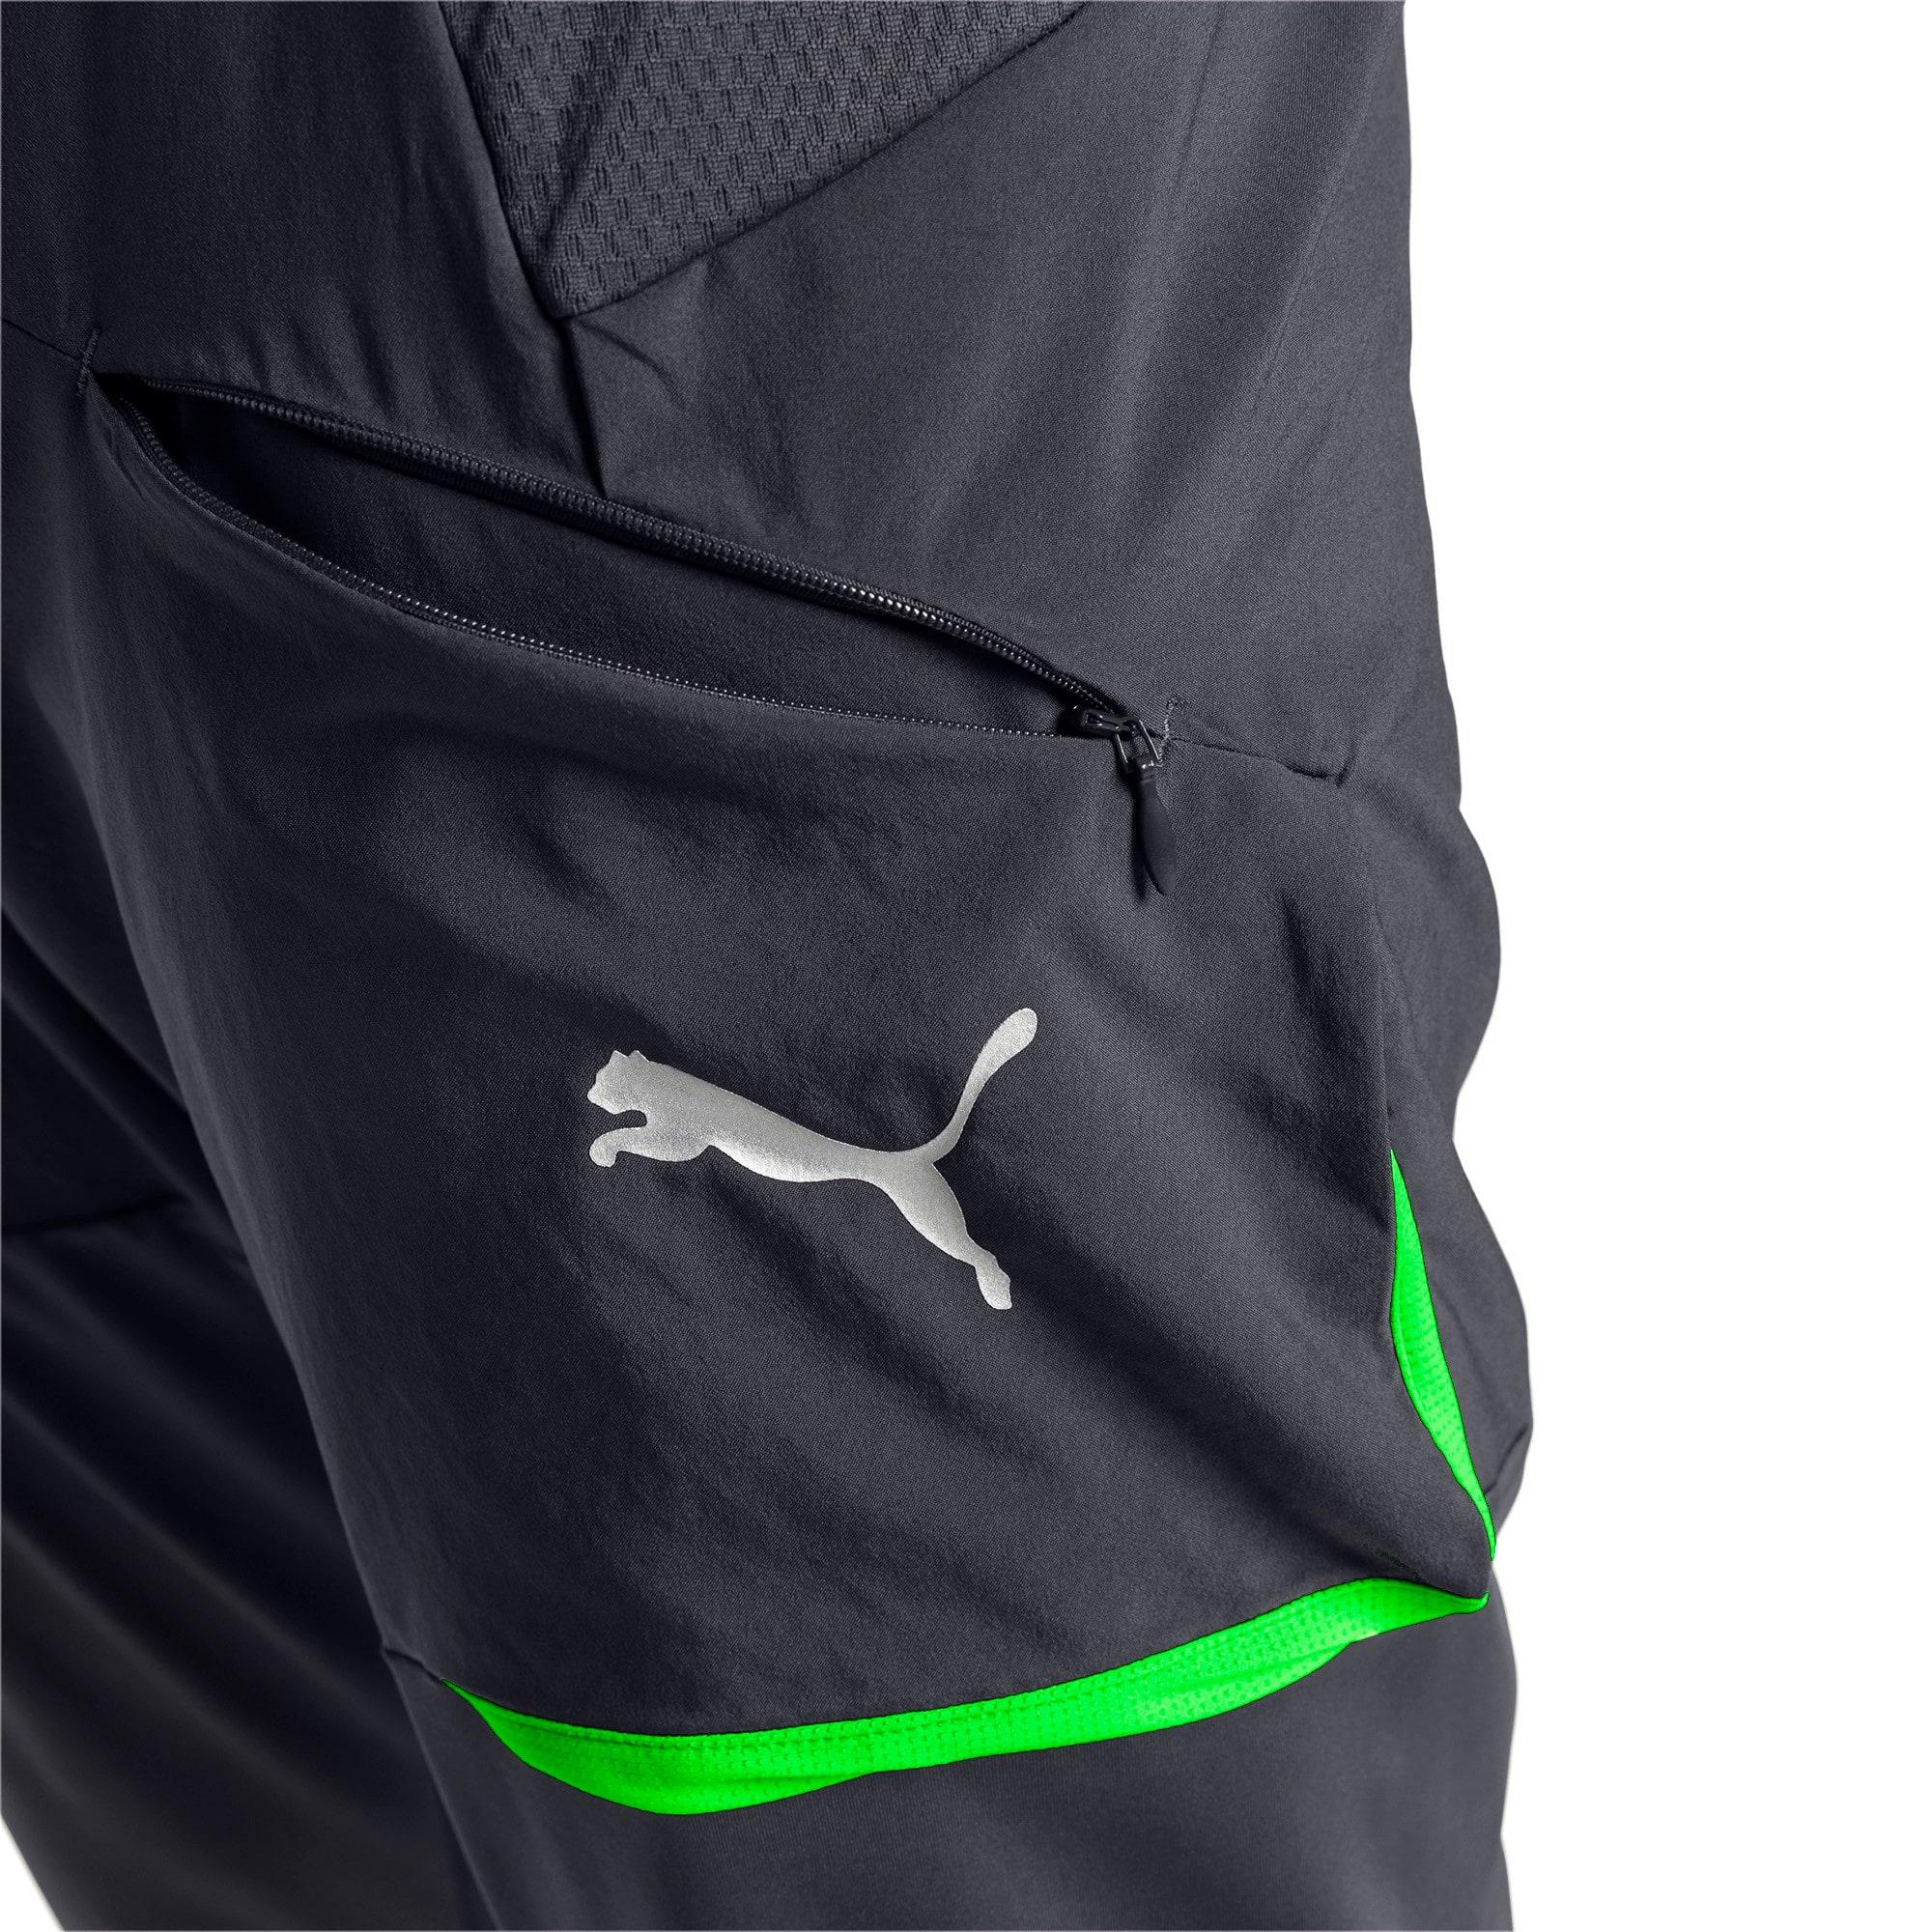 Thumbnail 6 of ftblNXT Men's Pro Training Pants, Ebony-Green Gecko, medium